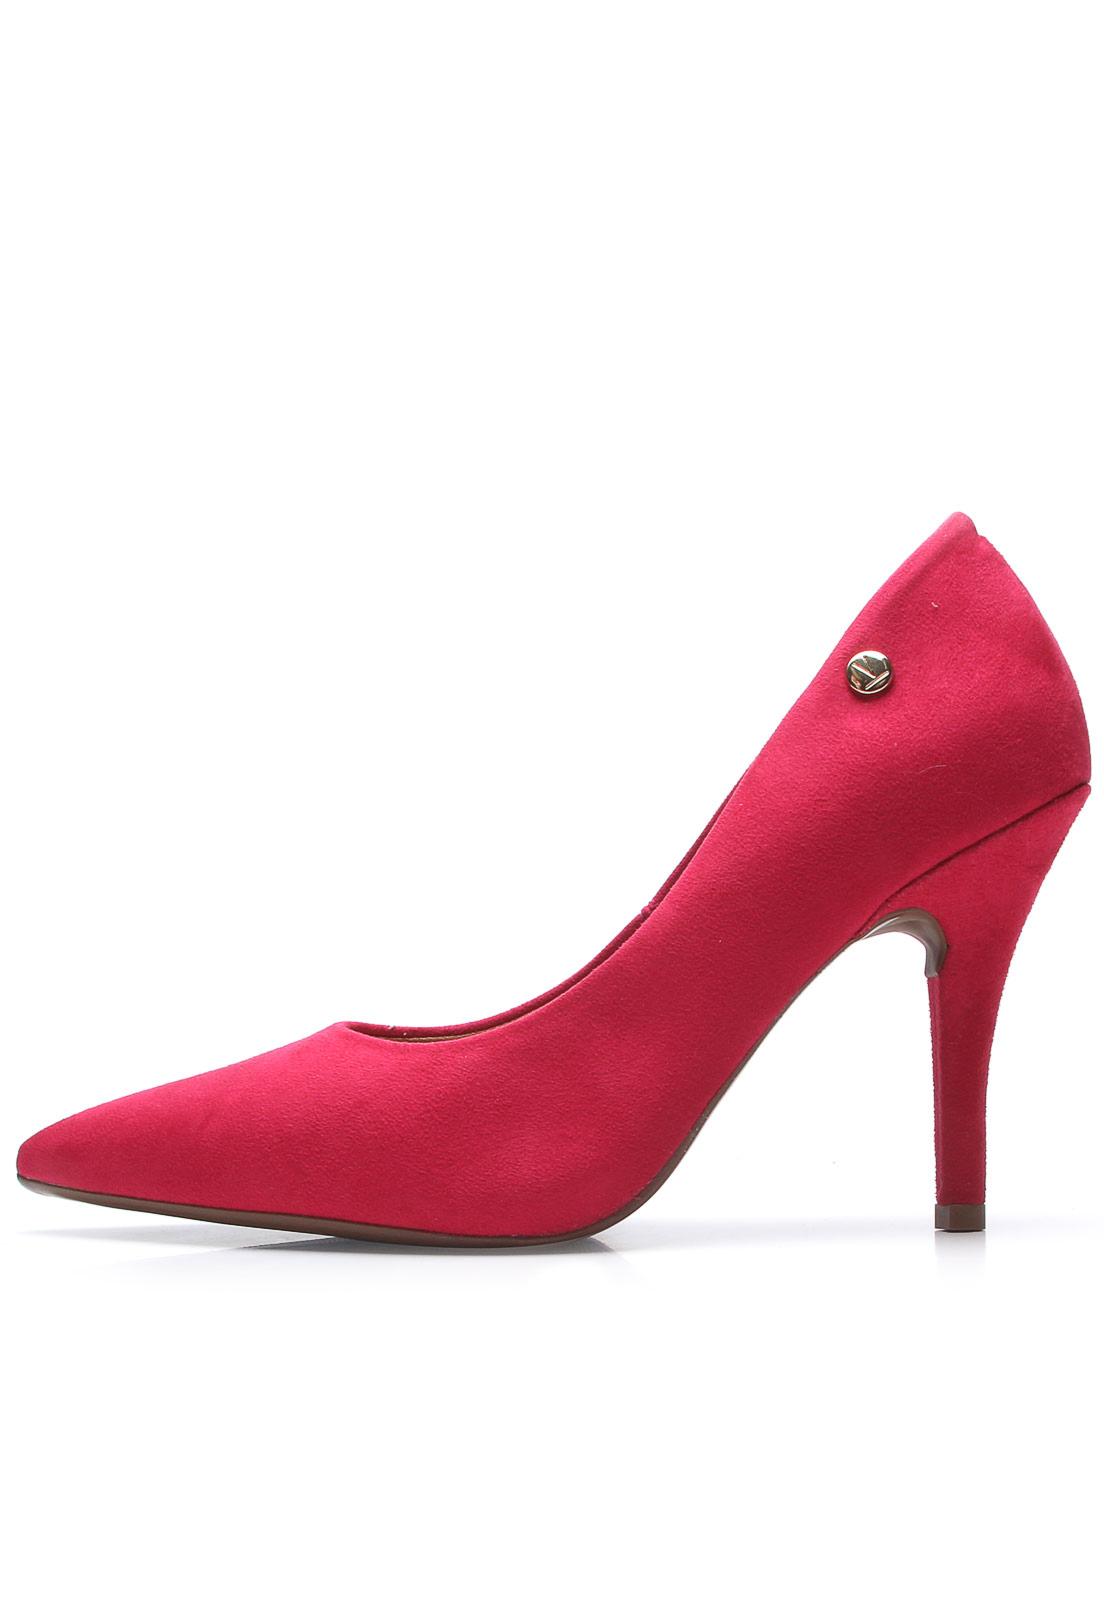 Scarpin Carmuça Vizzano Pink Feminino 1184.1101